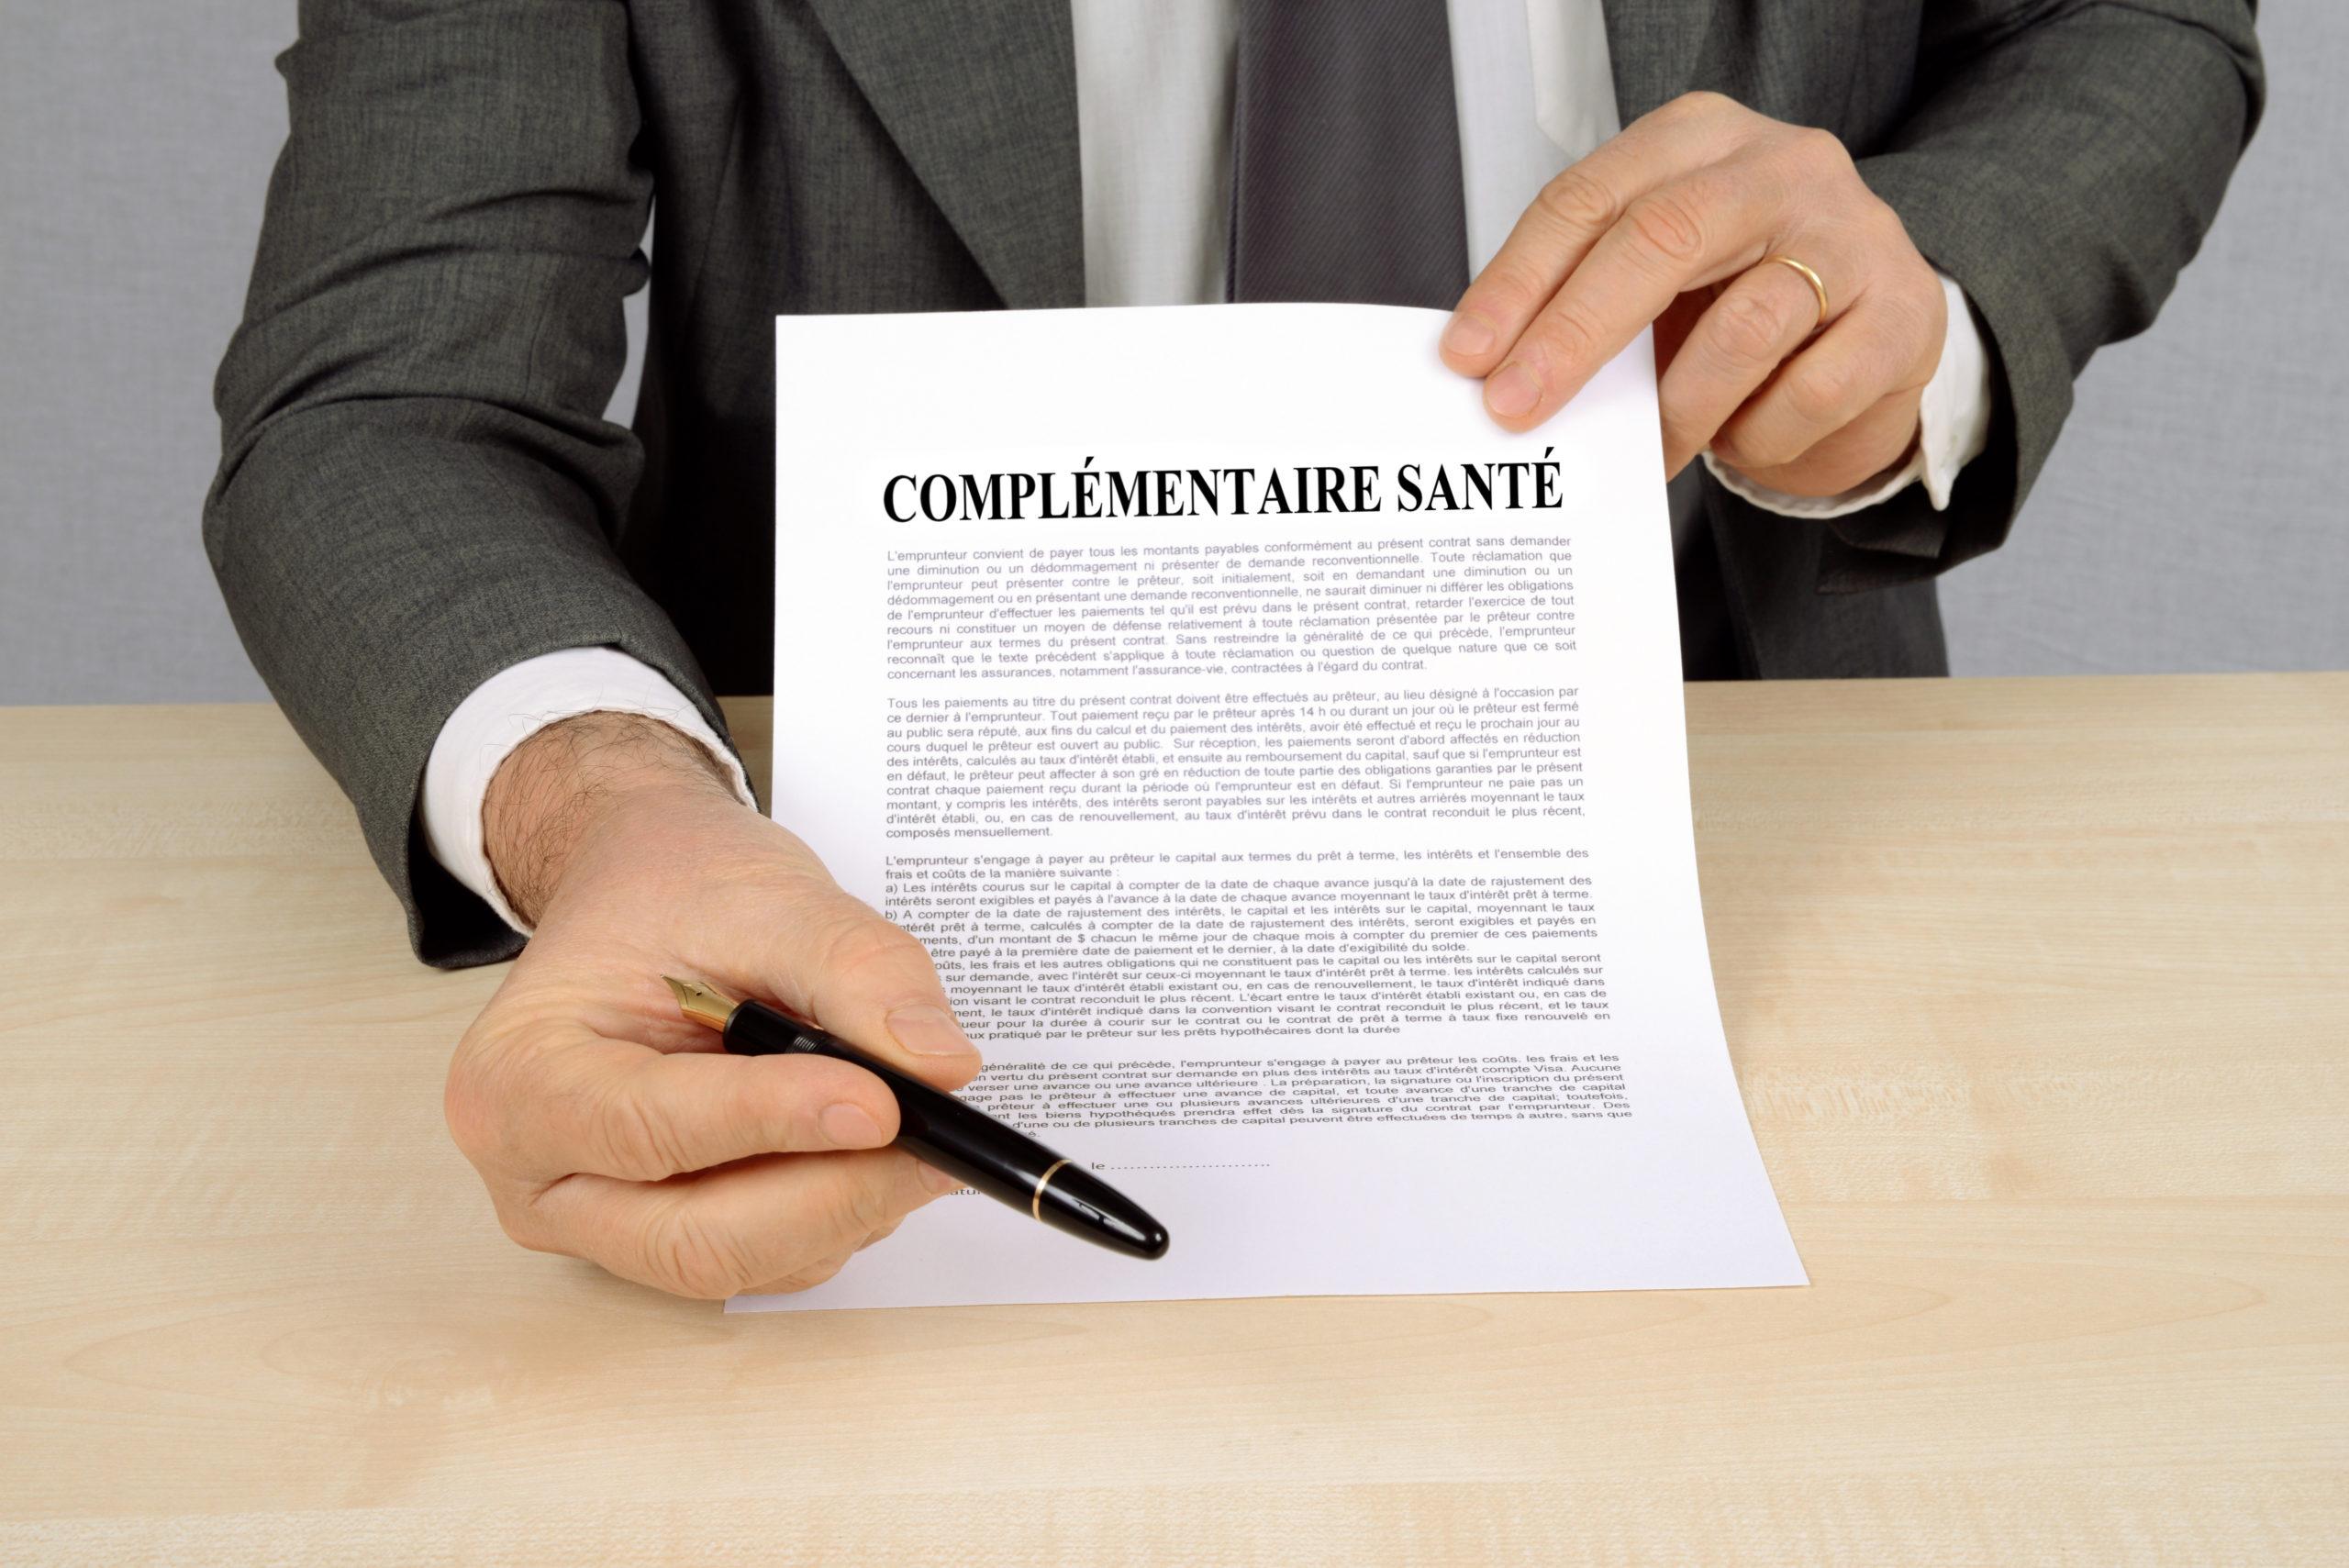 Document complémentaire santé